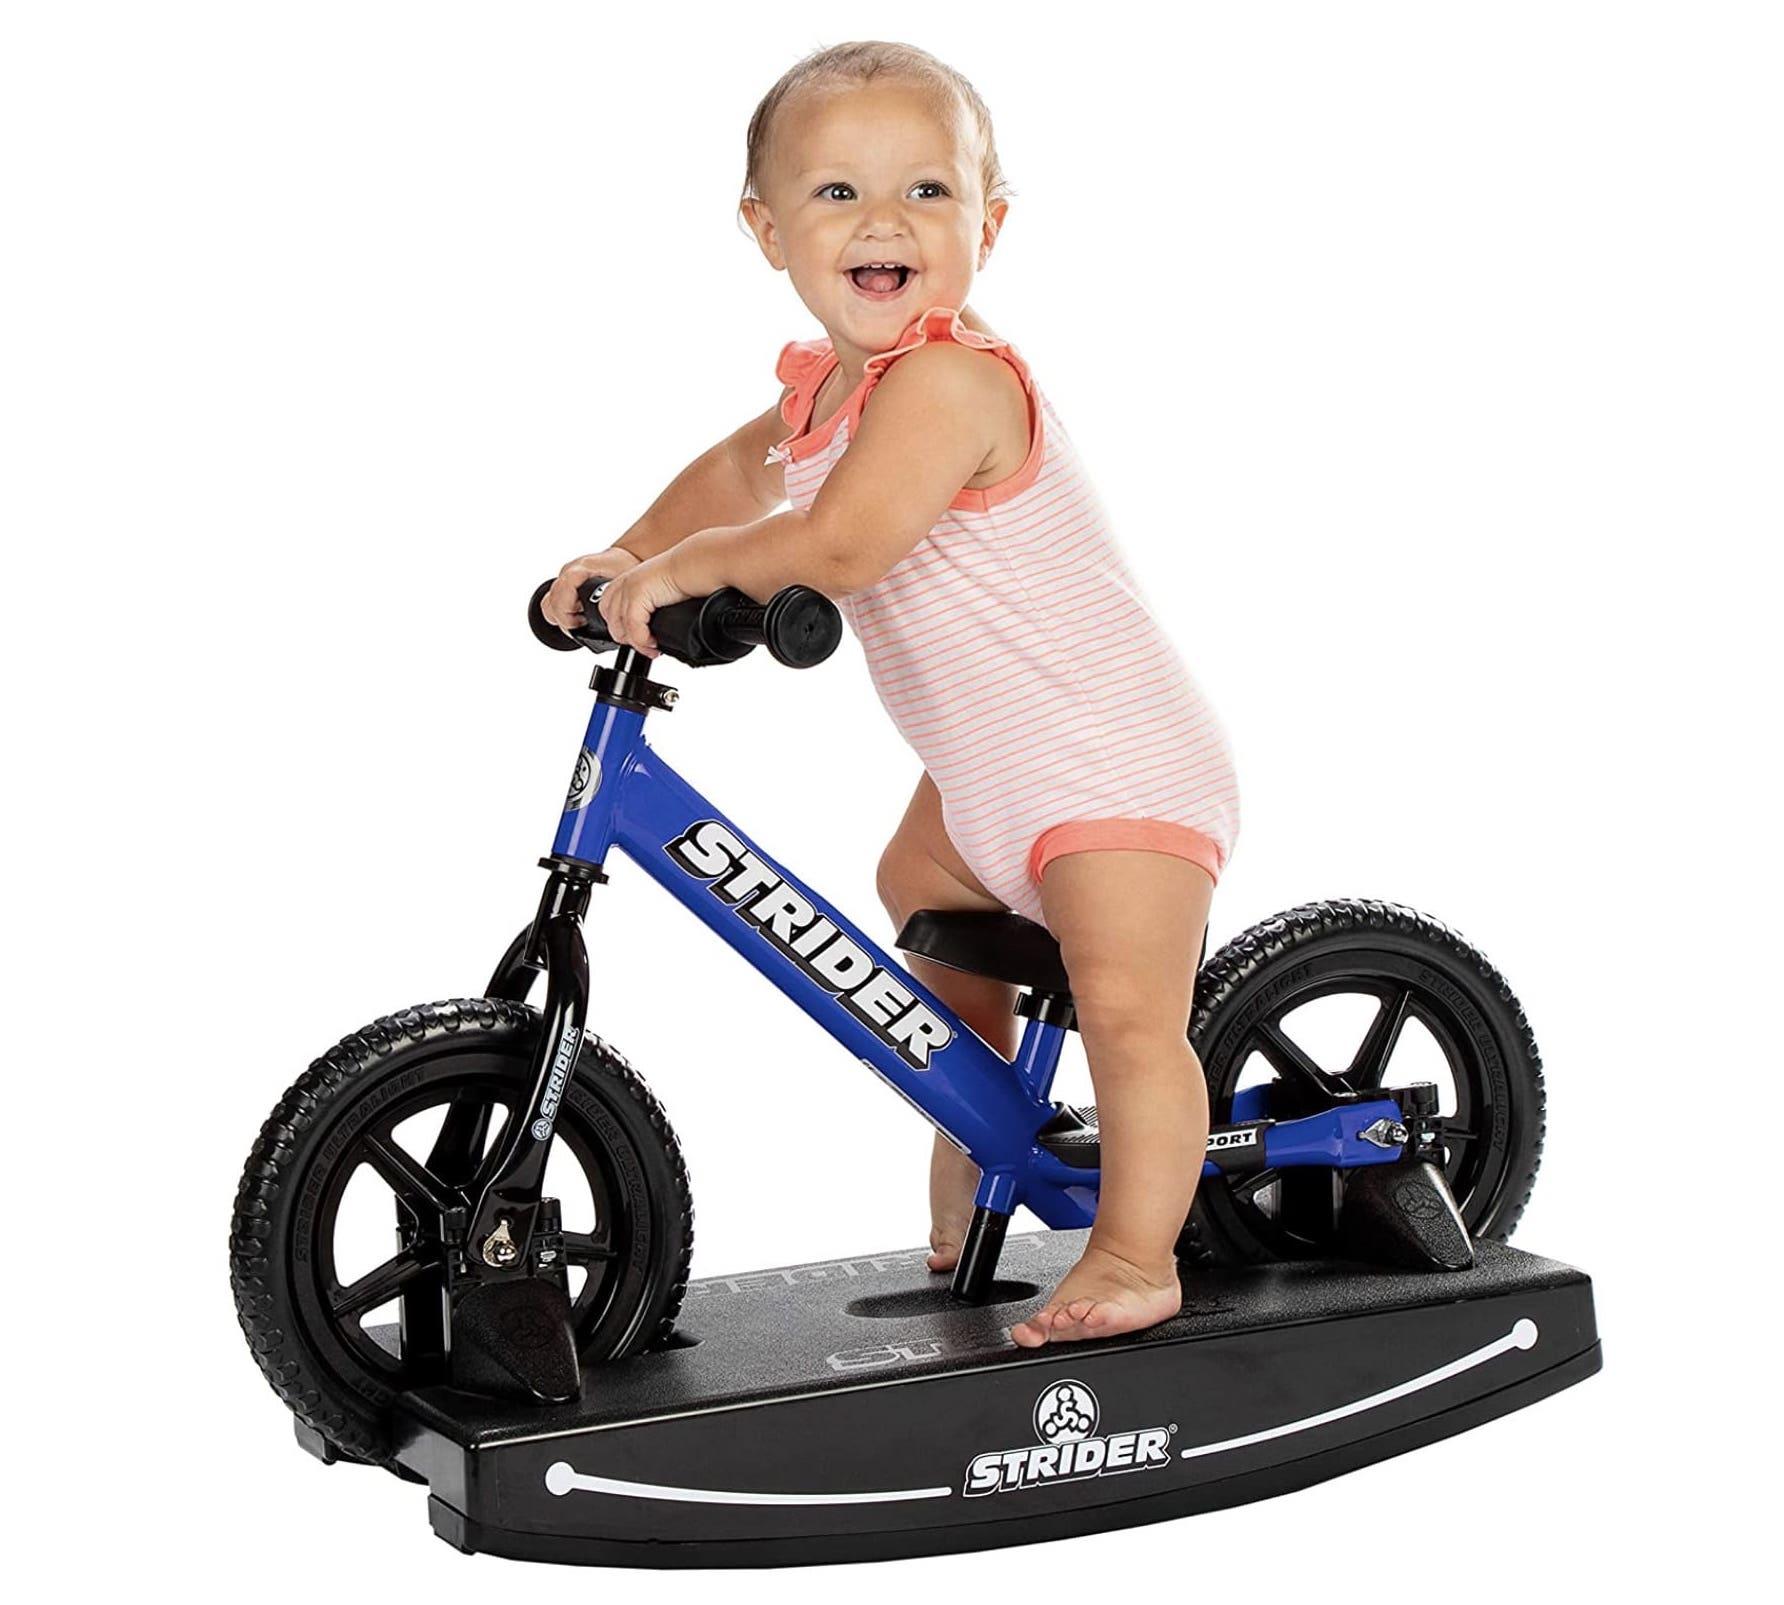 niña sobre la mecedora de la bicicleta sin pedales Strider Sport